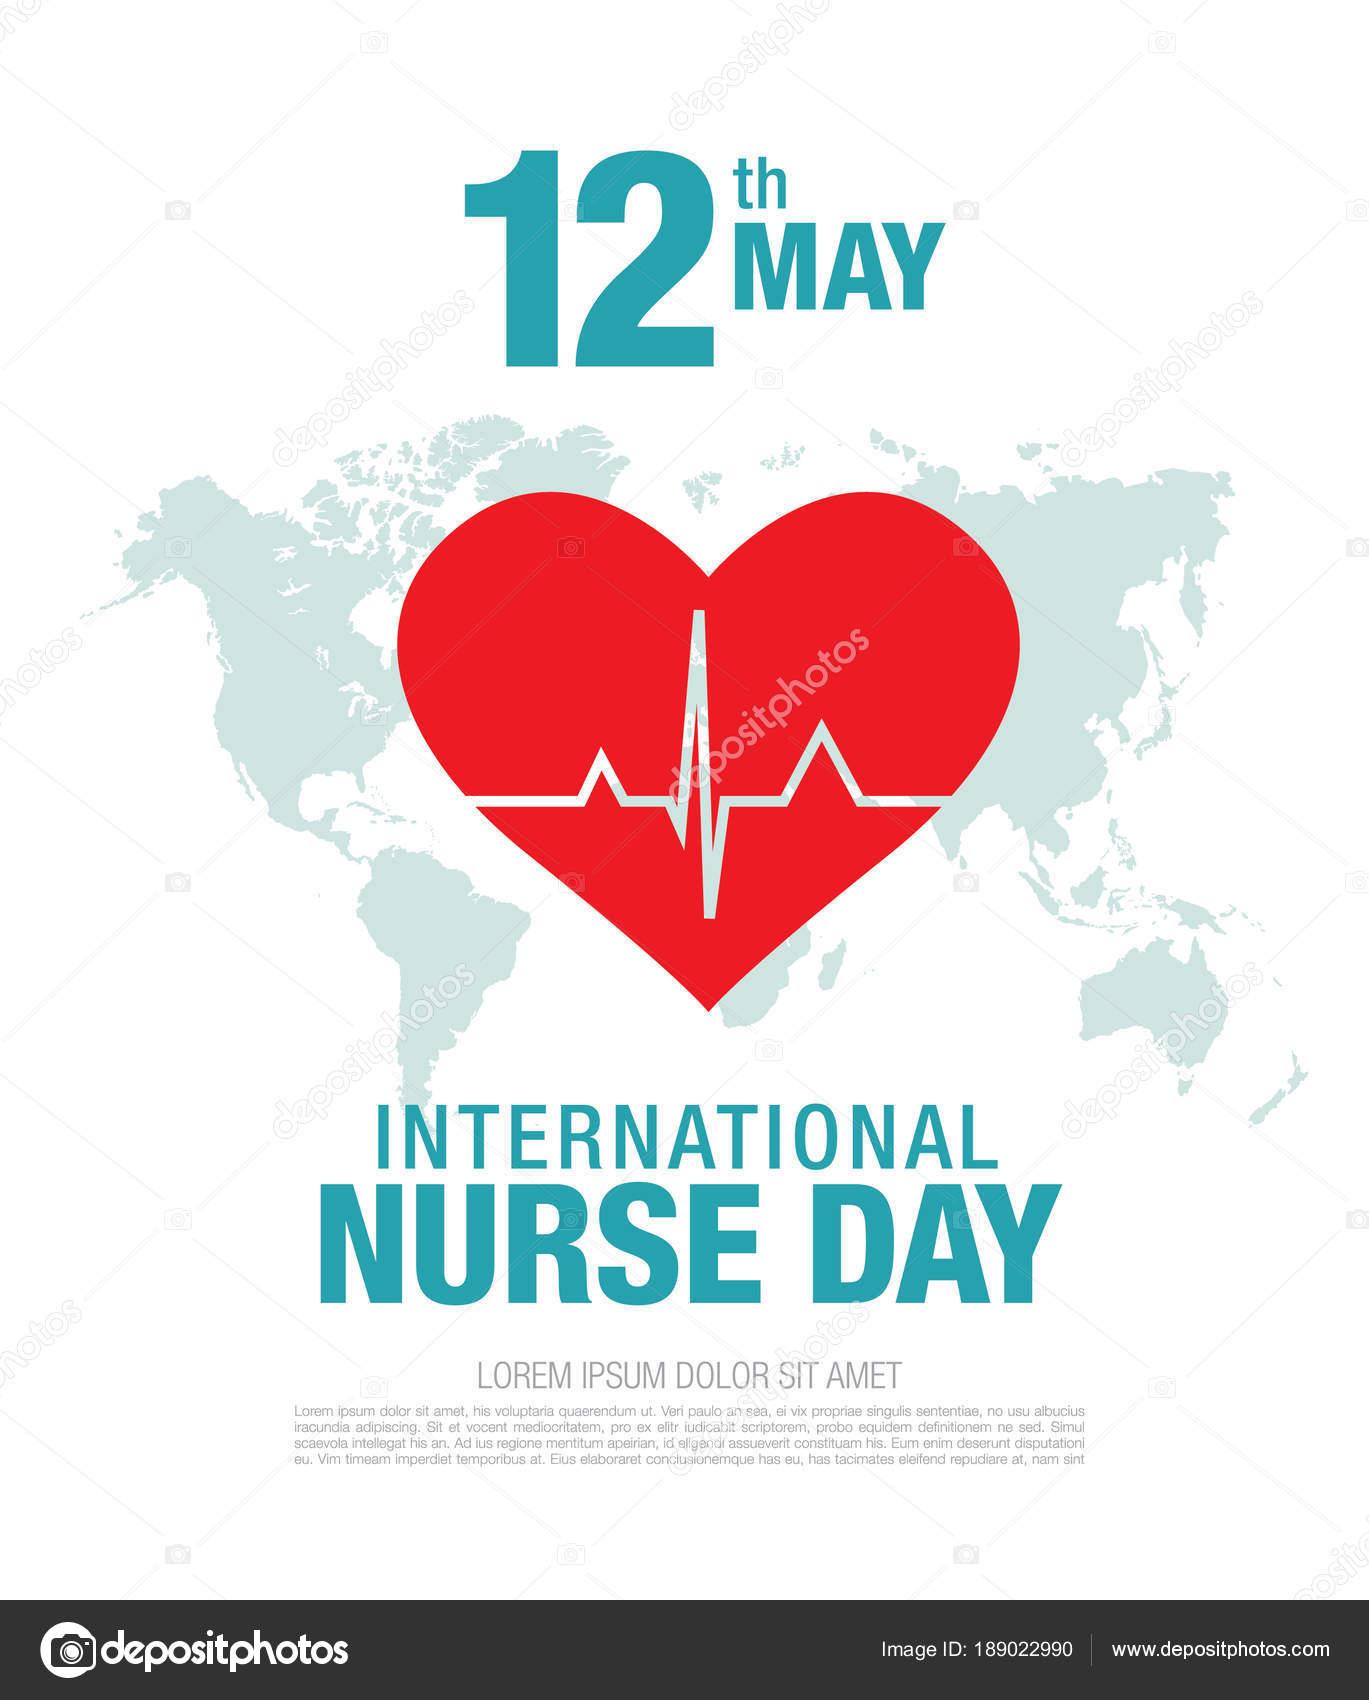 Uluslararası Gün - Hemşire Günü